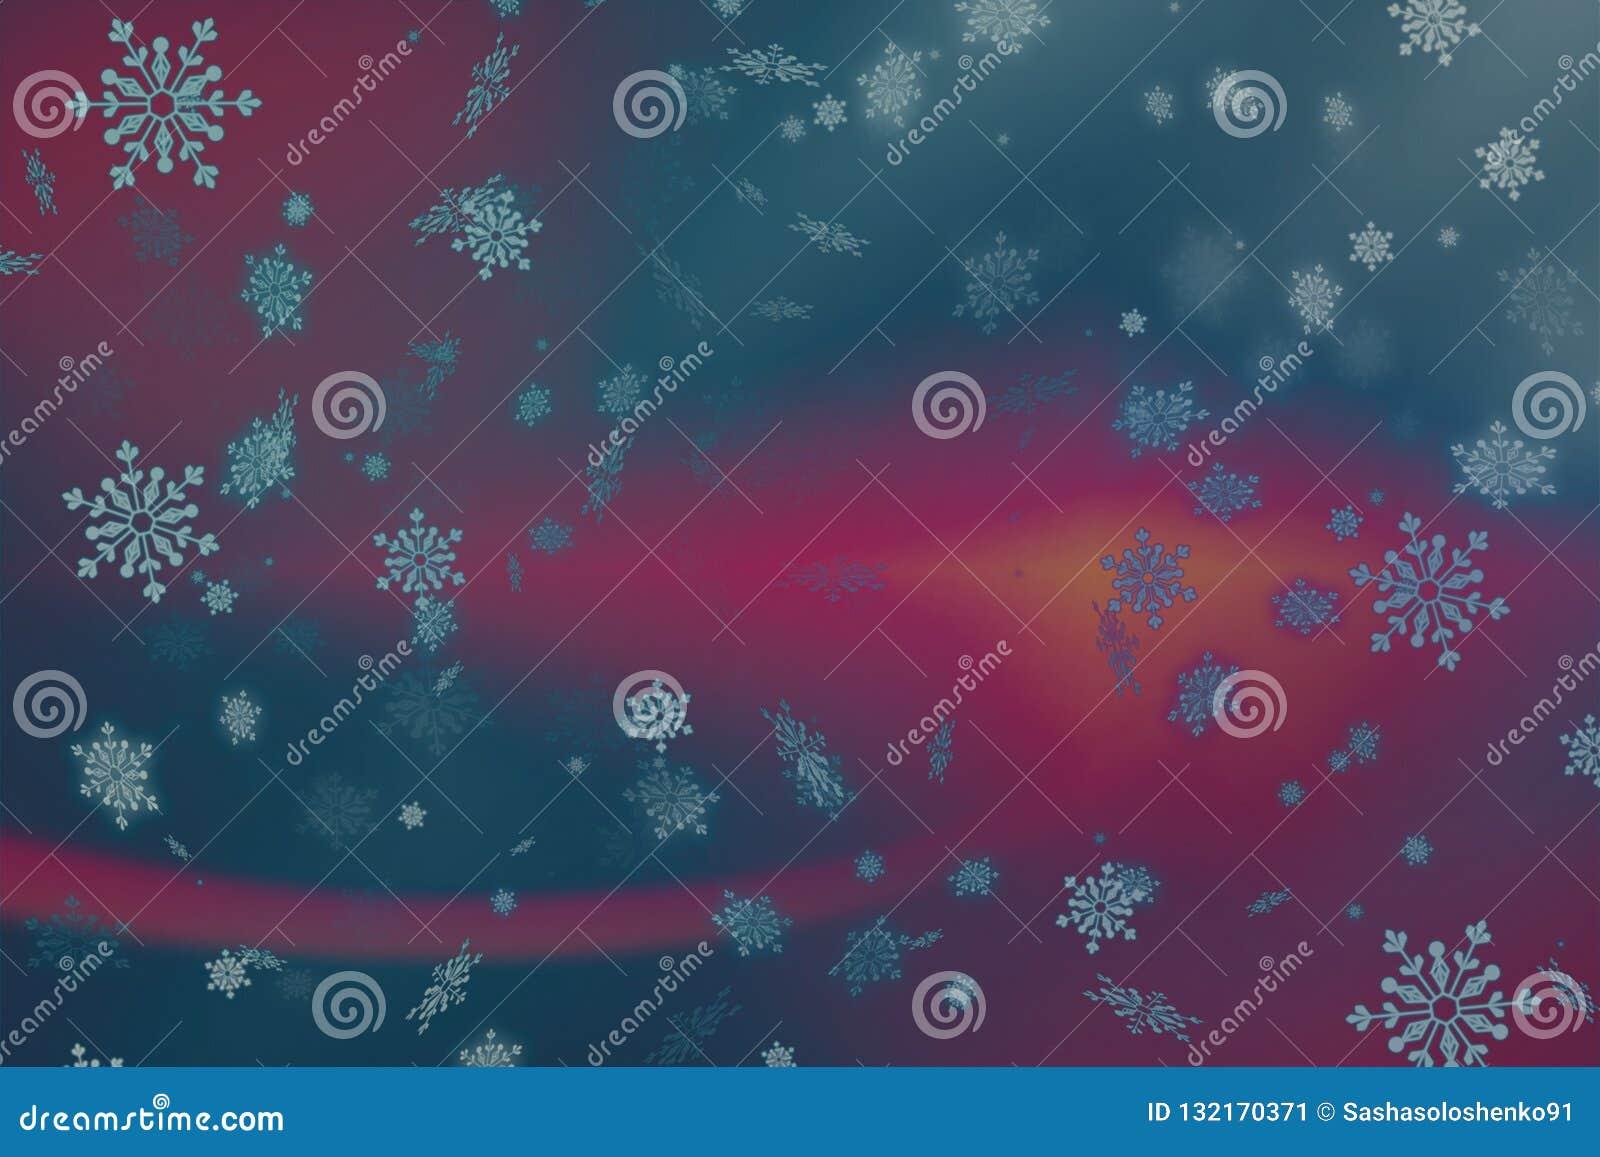 Rosa abstrato e fundo roxo do Natal com neve e flocos de neve